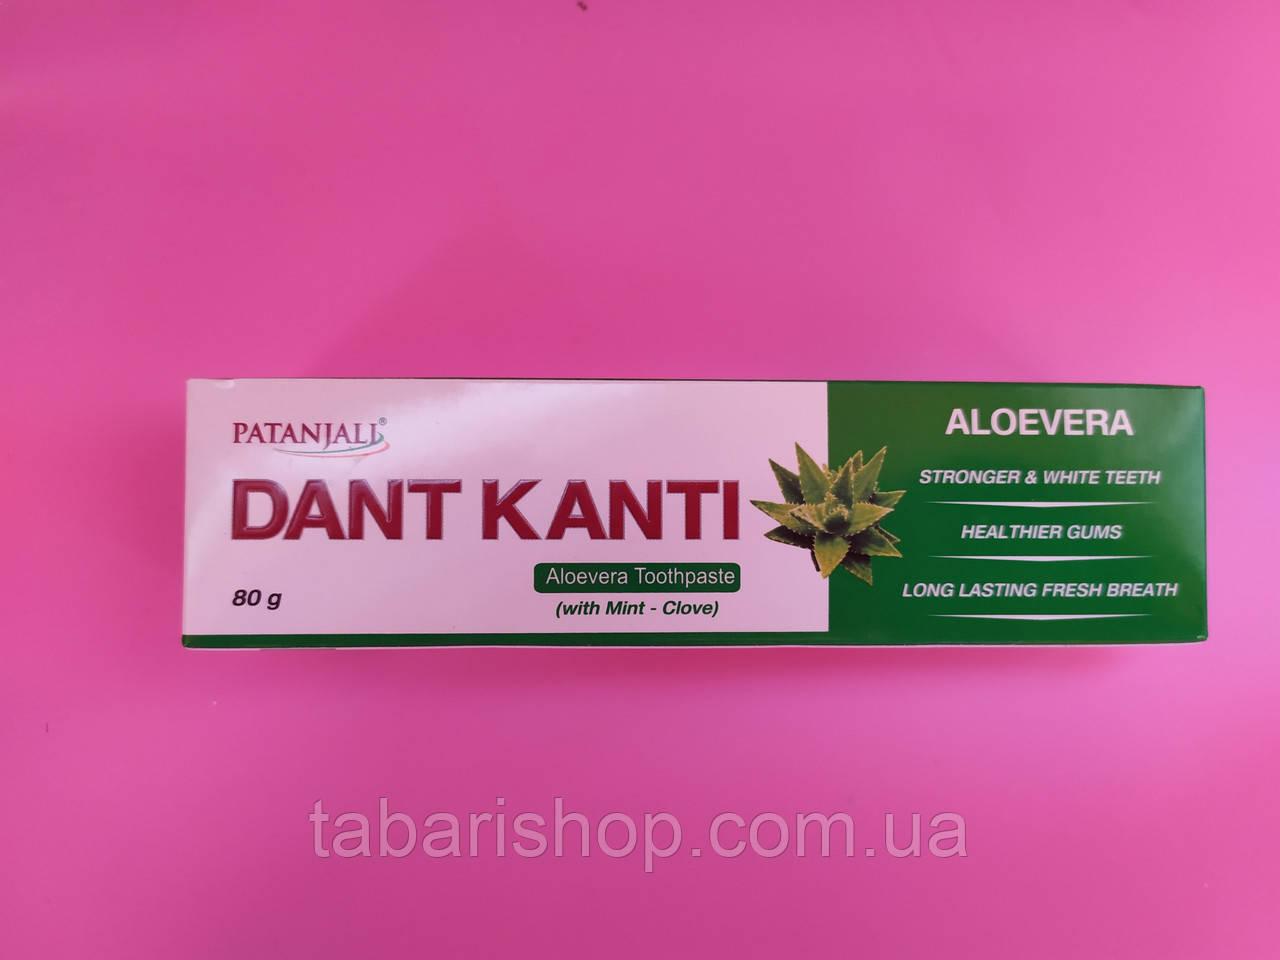 Зубна паста Дент Канті Алое Віра, Дант Kanti Aloe Vera Toothpaste, 80г